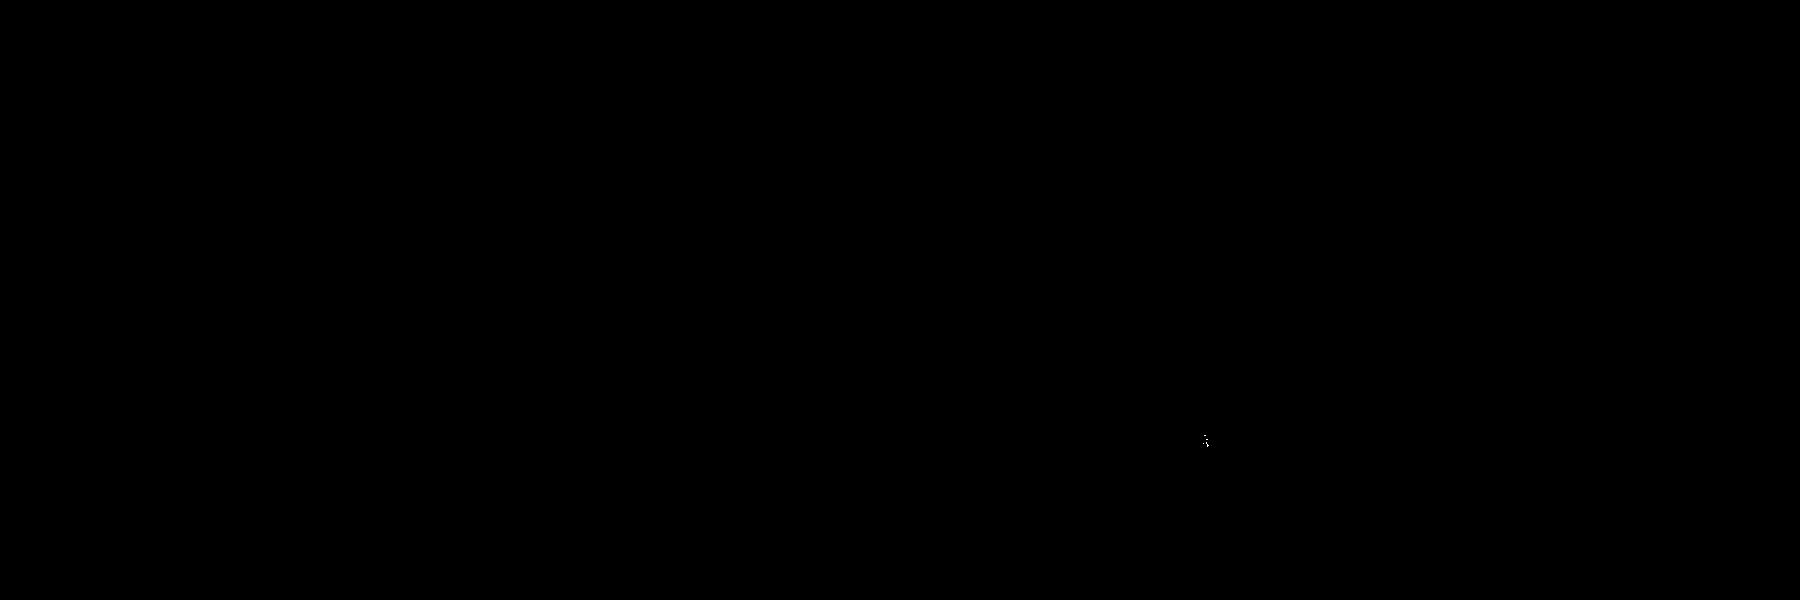 tailgate.net logo